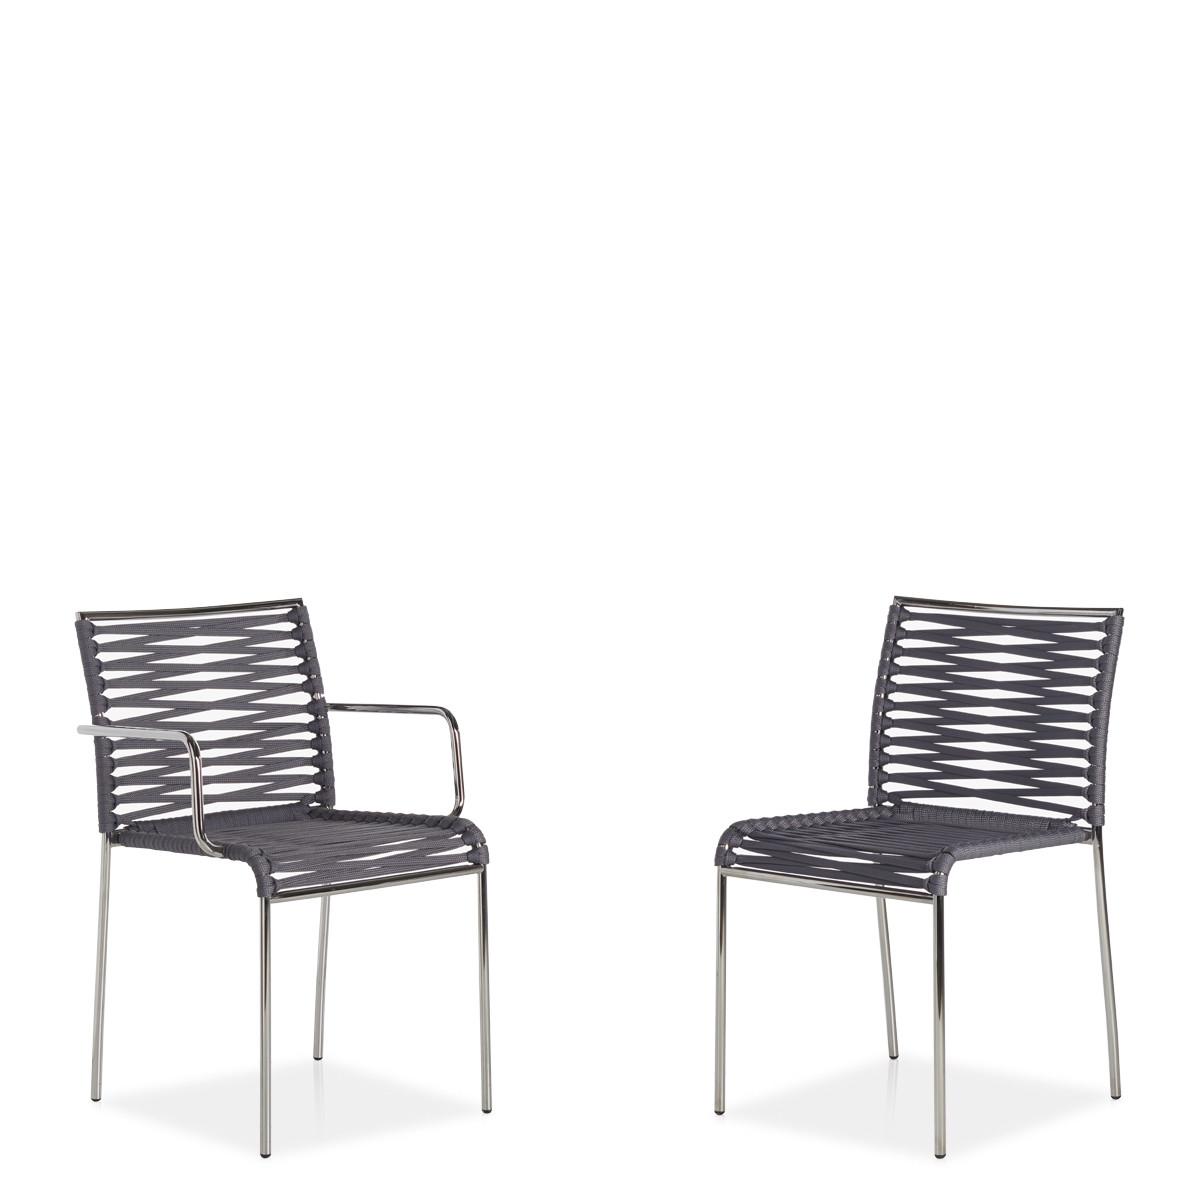 Entdecken Sie bei Conzept Beckord besondere Designmöbel! Hier finden Sie Potocco Stühle: Aria